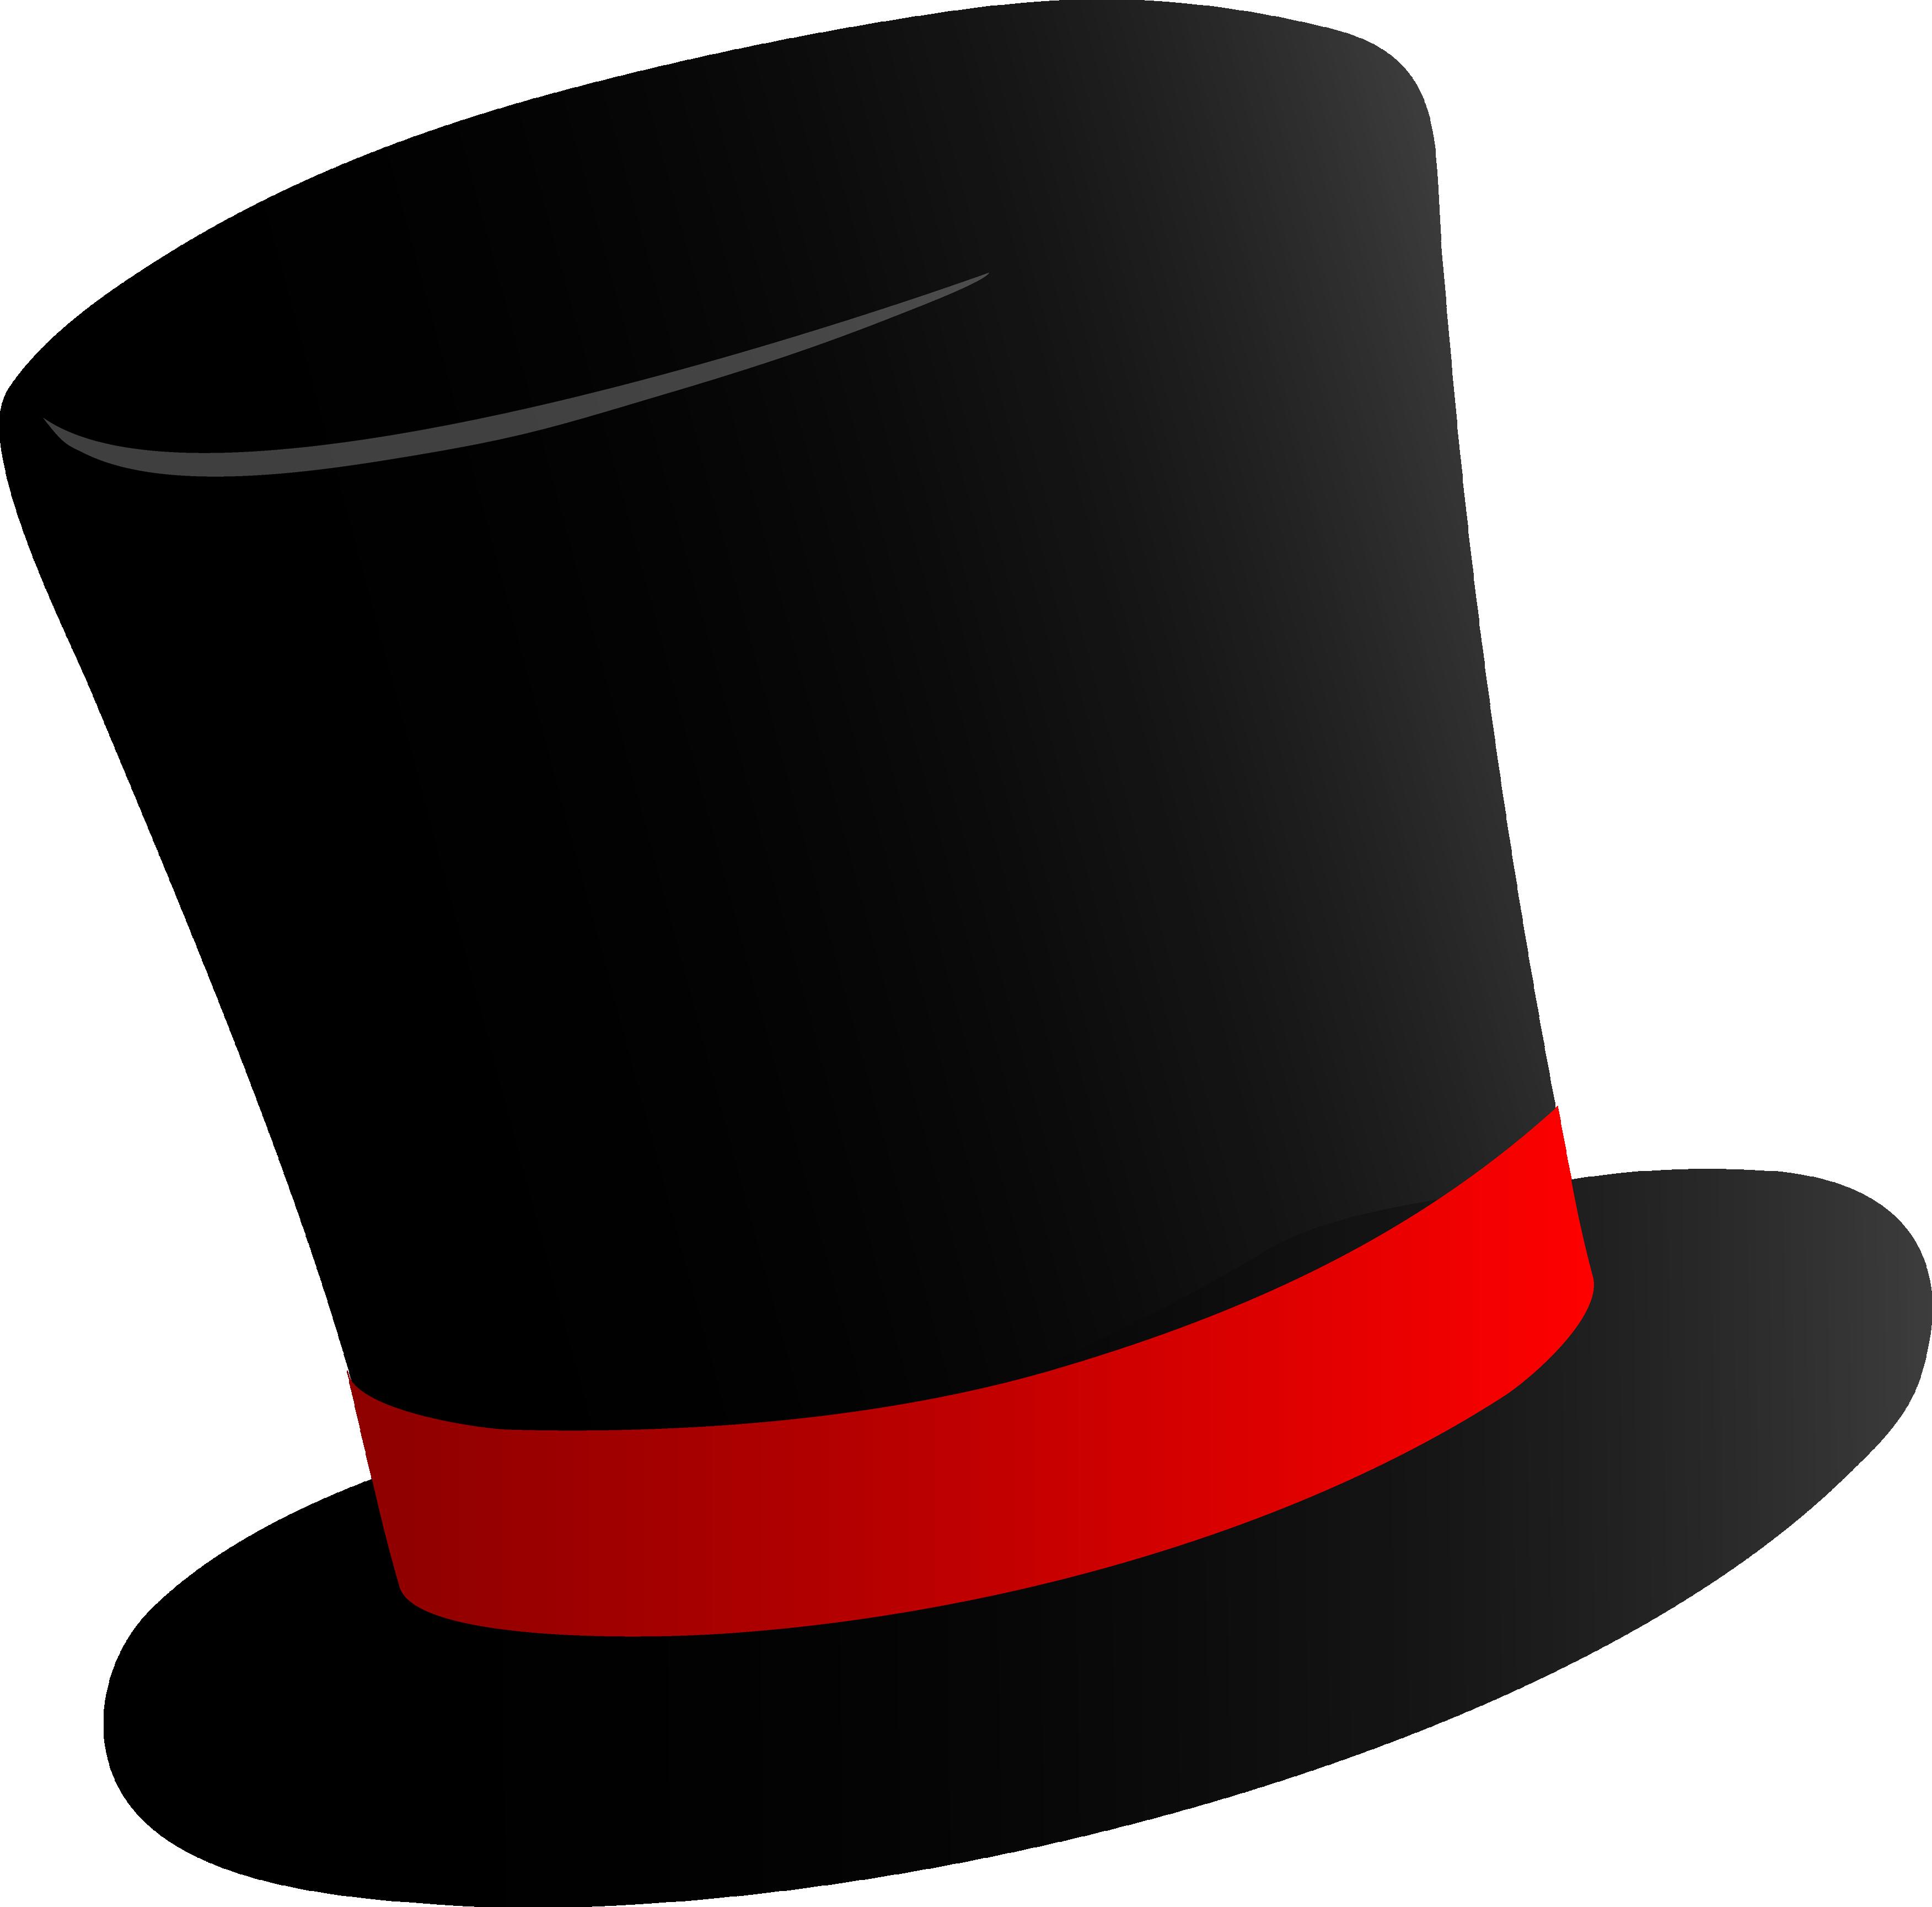 Hat png clipart svg download Black Top Hat PNG Image - PurePNG | Free transparent CC0 PNG Image ... svg download